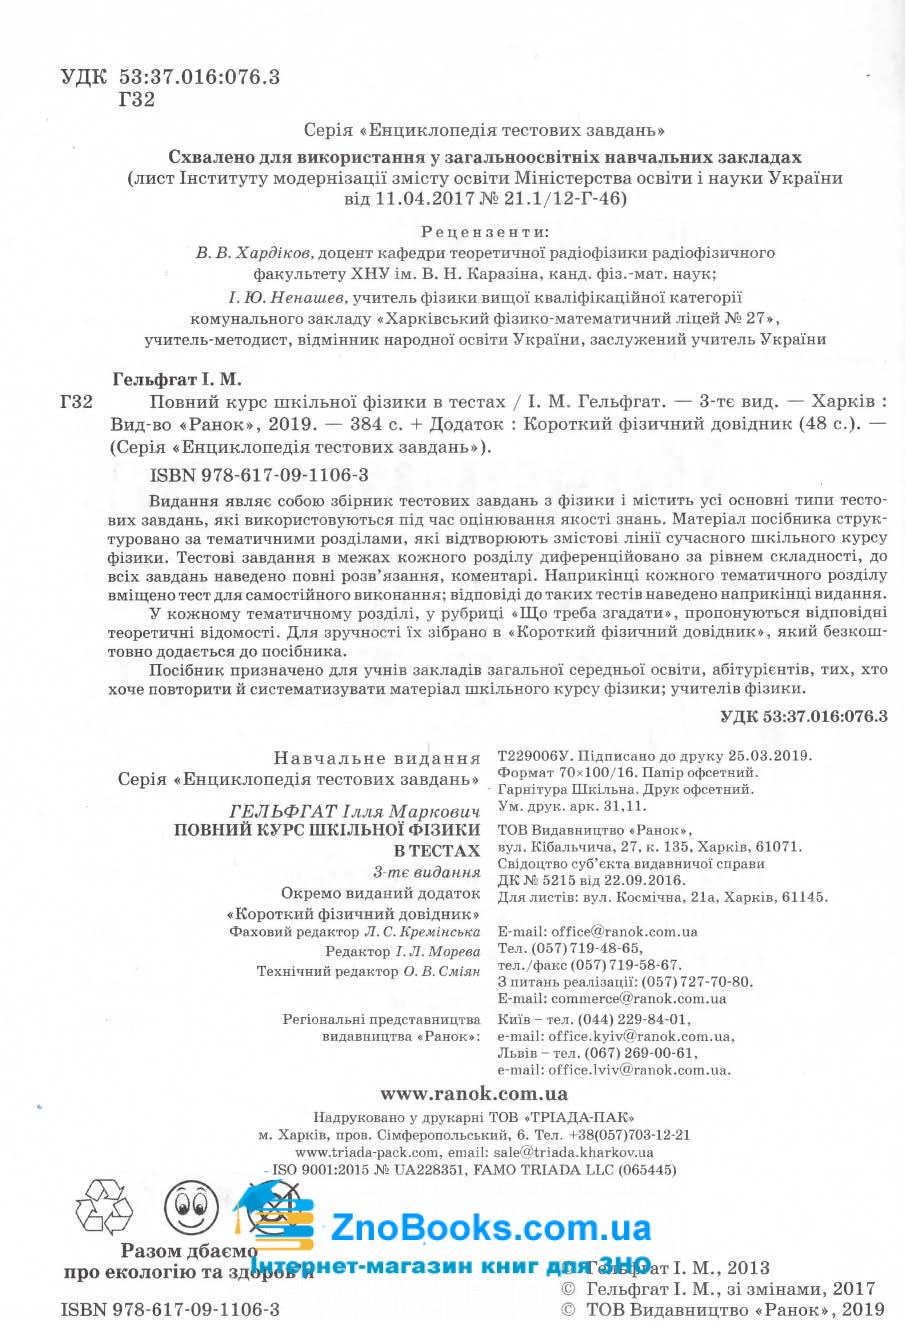 ЗНО 2022 фізика в тестах. Енциклопедія тестових завдань : Гельфгат І. Ранок. купити 2